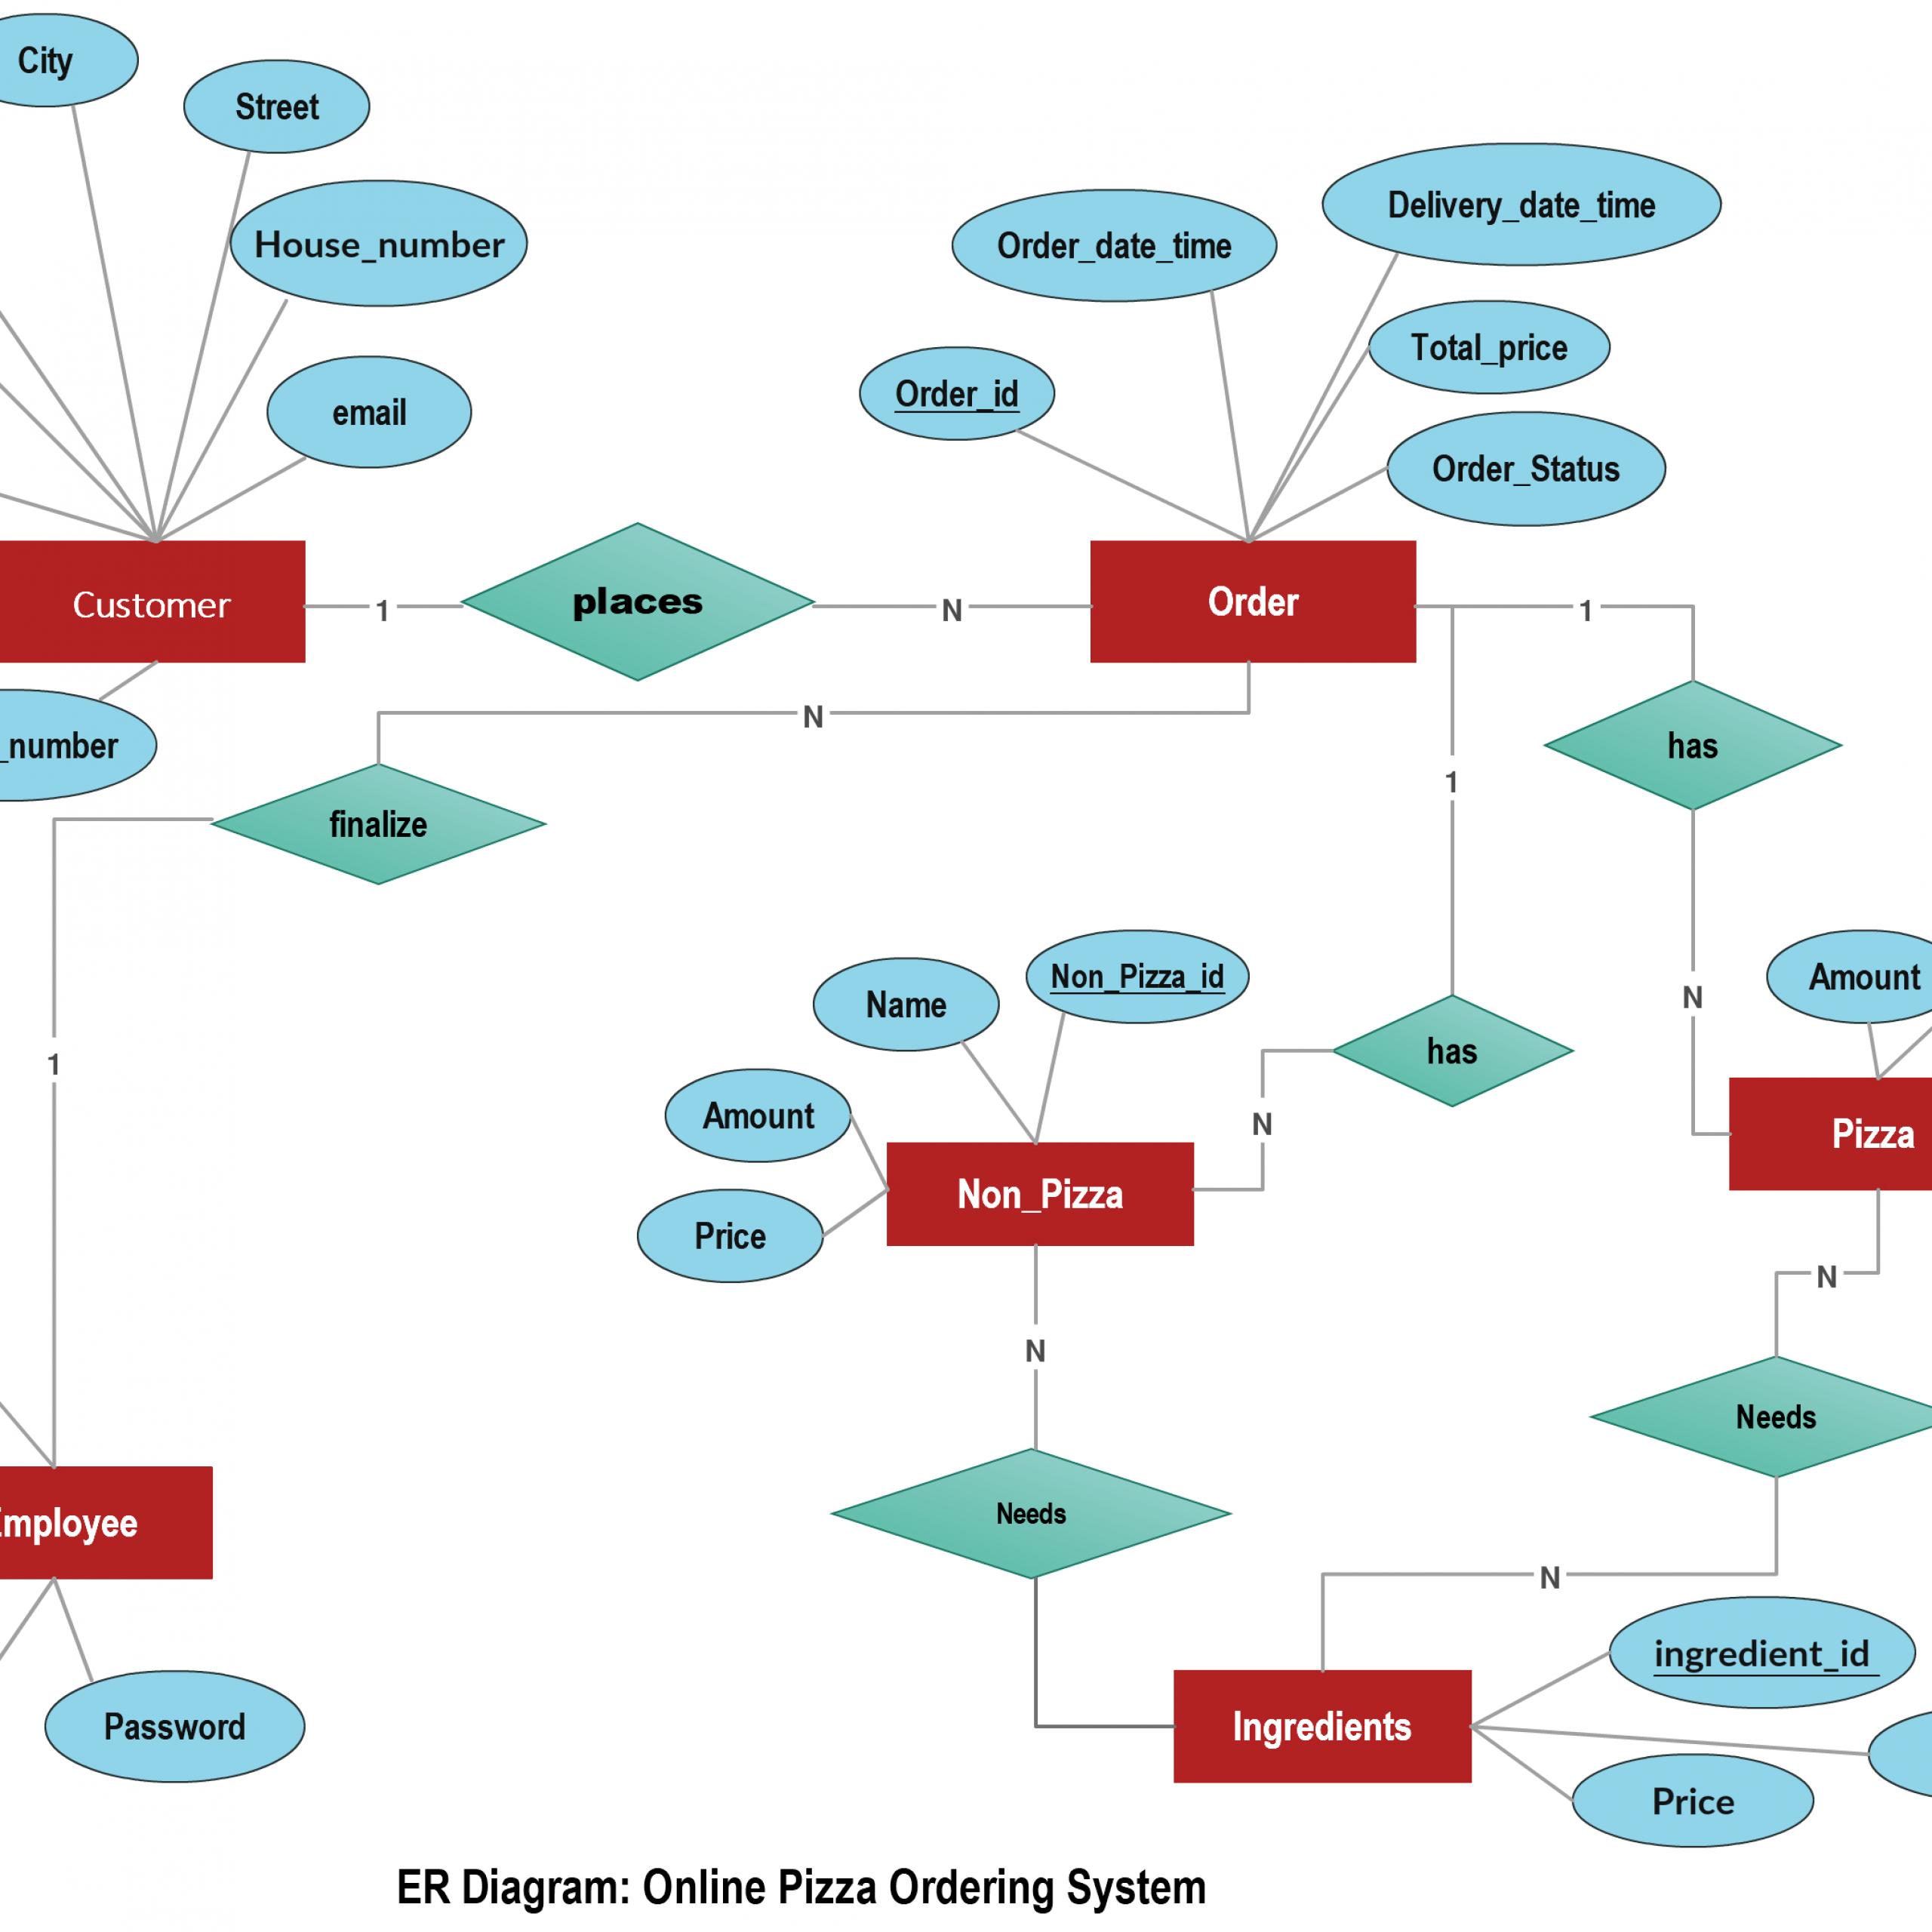 Online Pizza Ordering System Illustrated Using An Er Diagram inside Er Diagramm Online